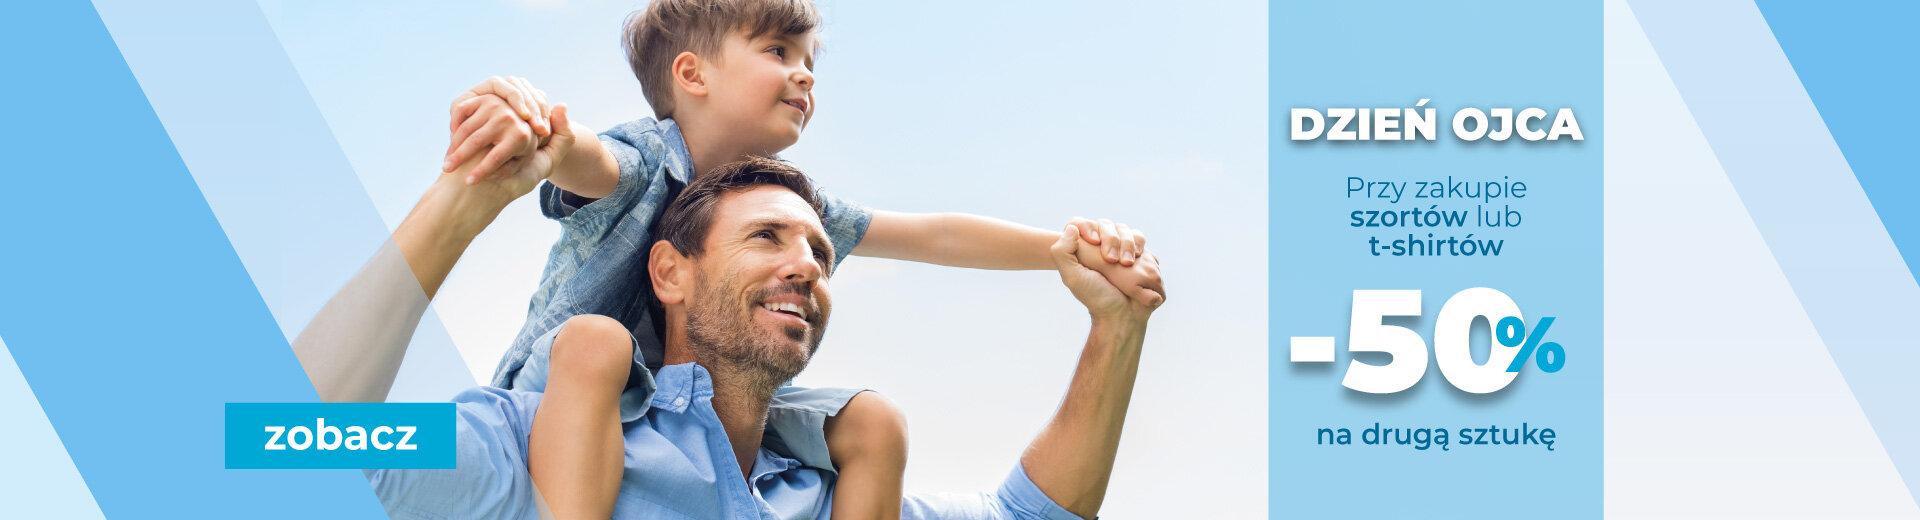 TXM: 50% zniżki na drugą sztukę przy zakupie szortów lub t-shirtów z okazji Dnia Ojca